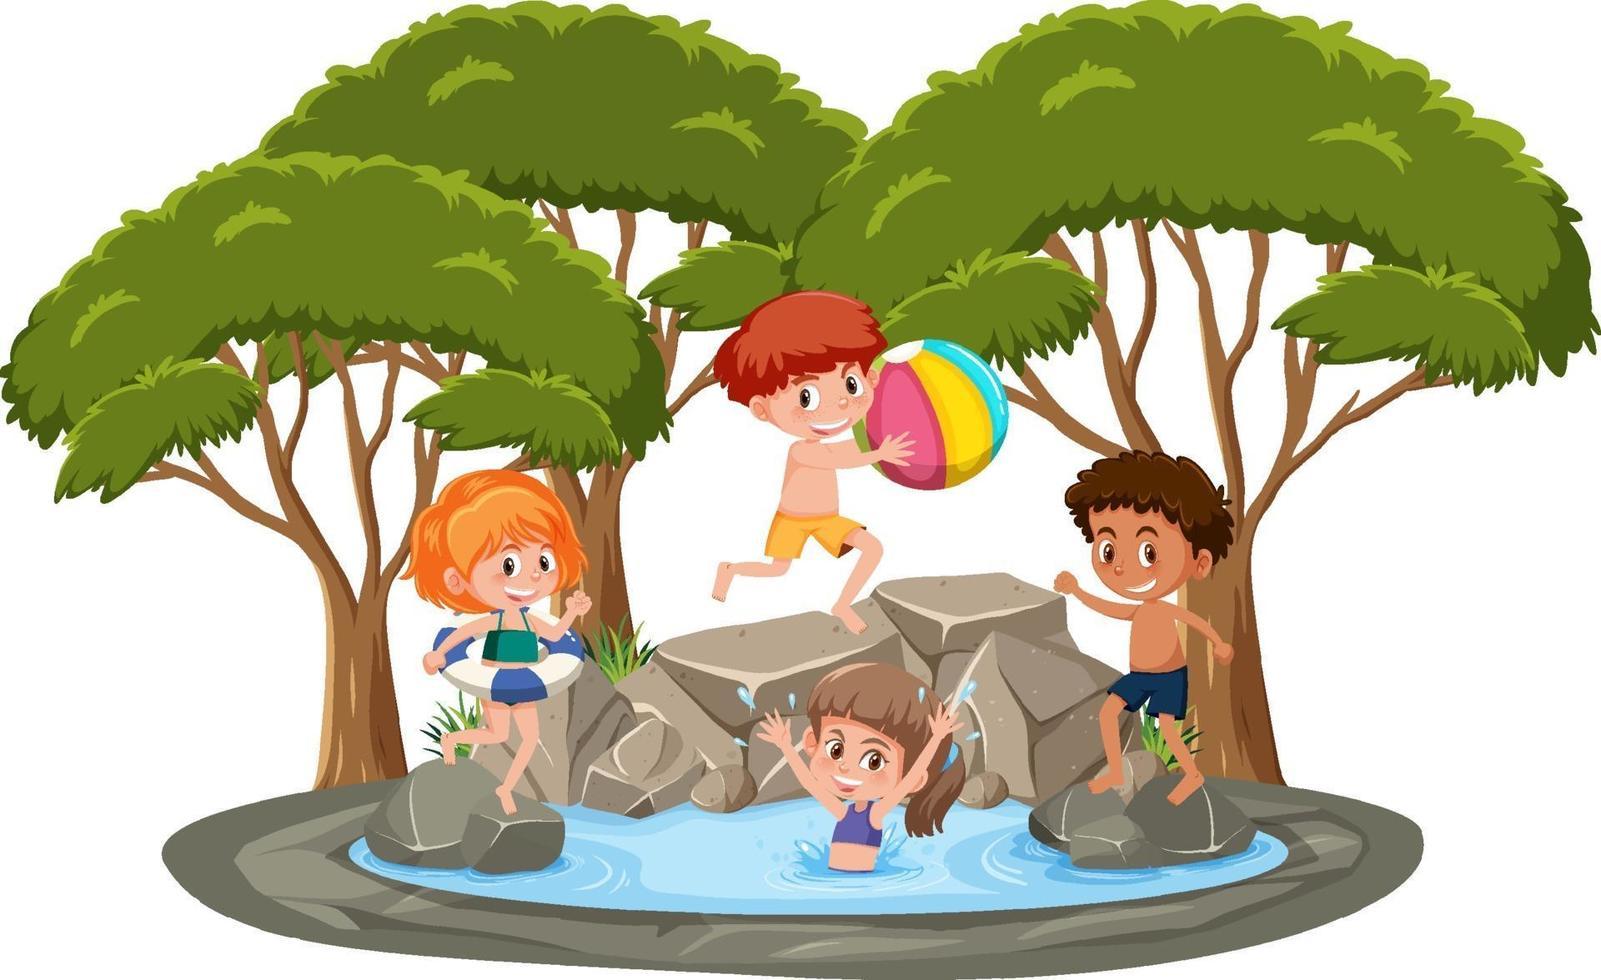 isolerad scen med barn som leker vid dammen vektor